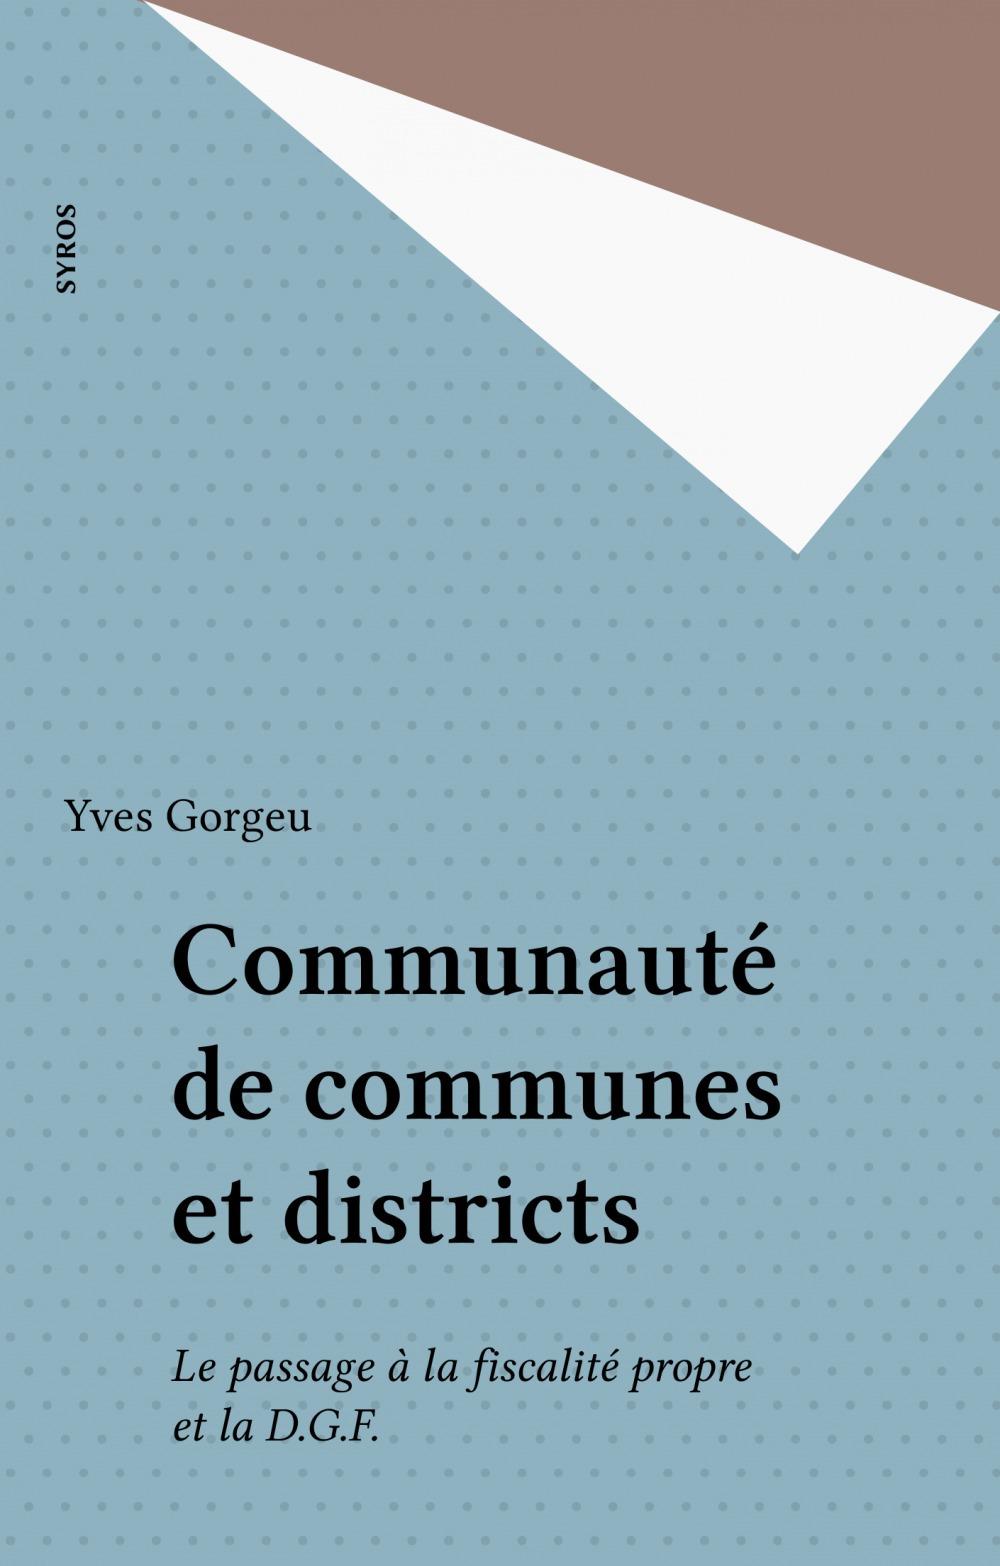 Communauté de communes et districts